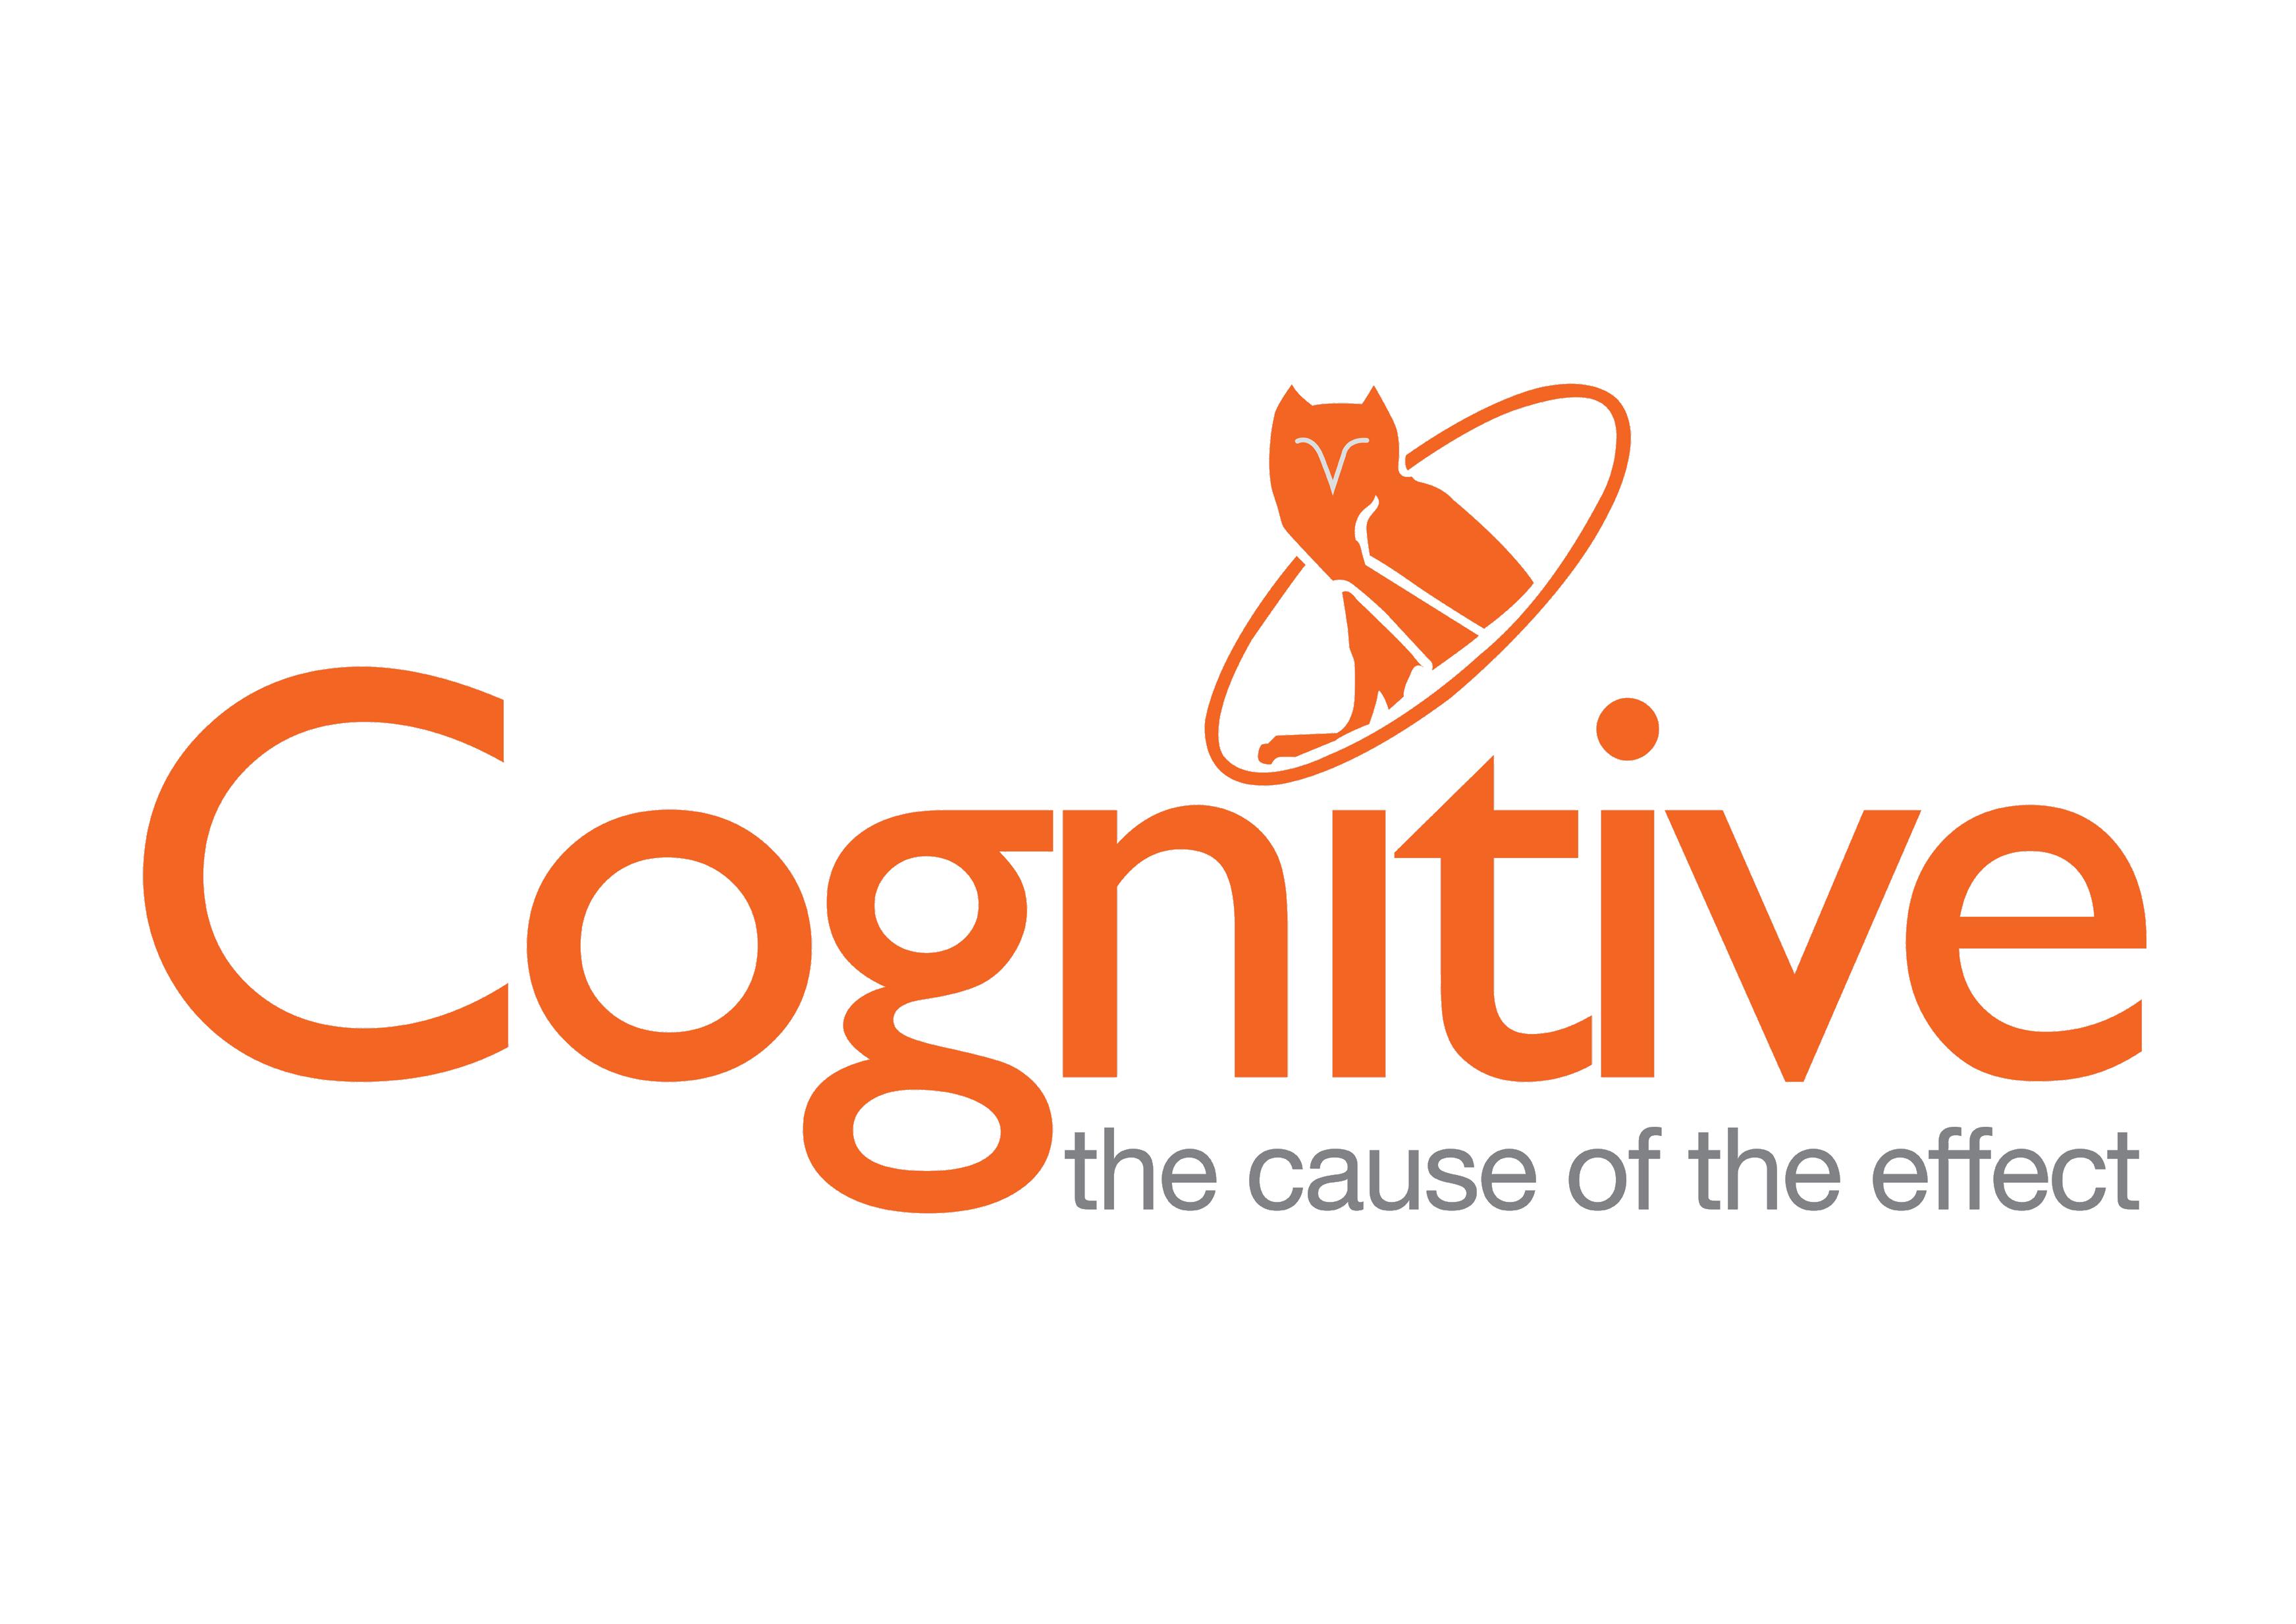 Cognitive Publishing